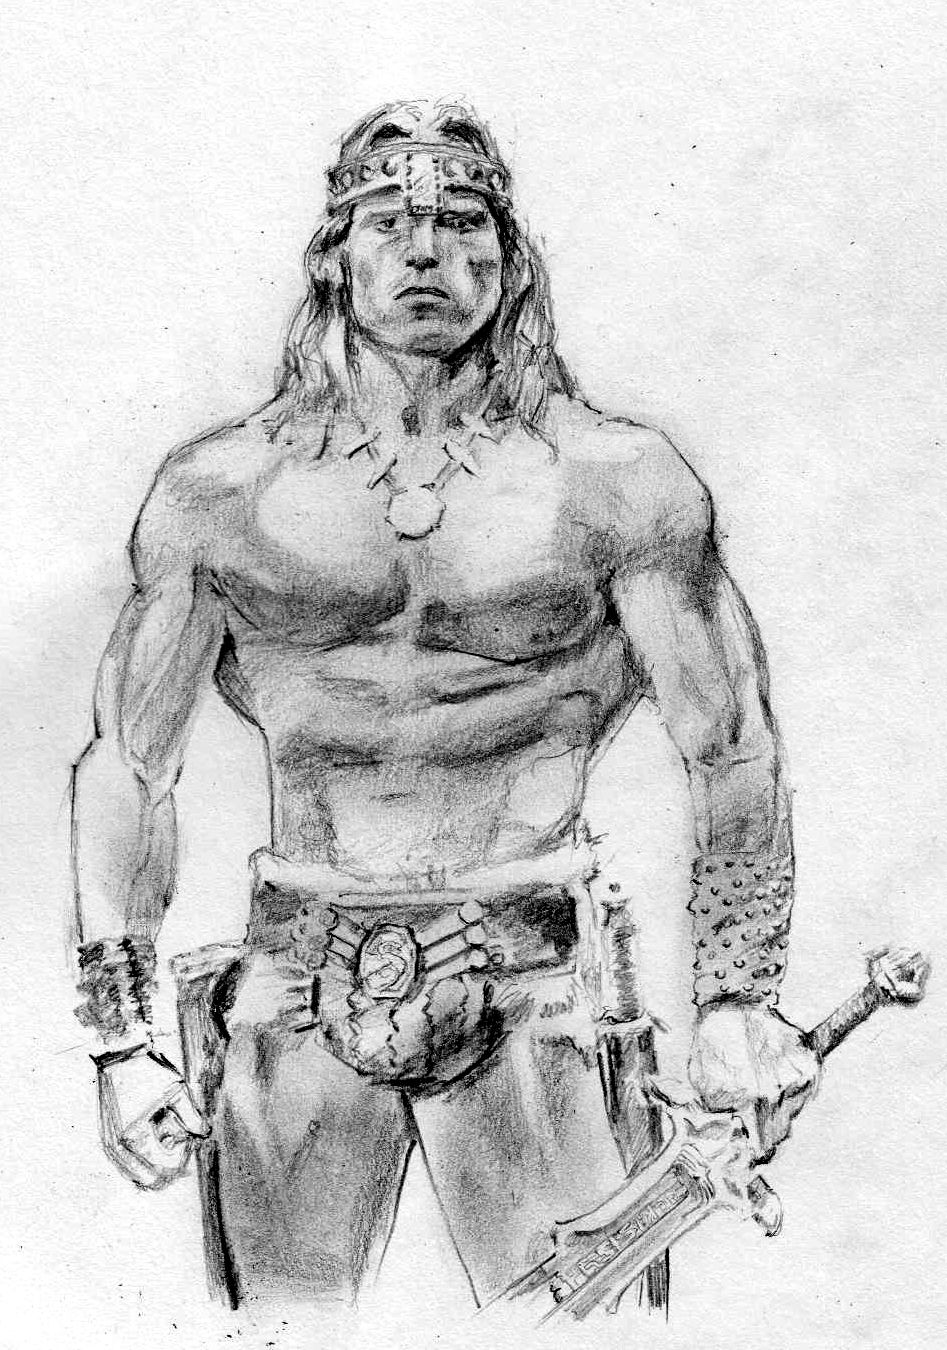 Arnold Schwarzenegger Conan The Barbarian By 80sdisco Deviantart Com On Deviantart Conan The Barbarian Conan The Barbarian 1982 Conan